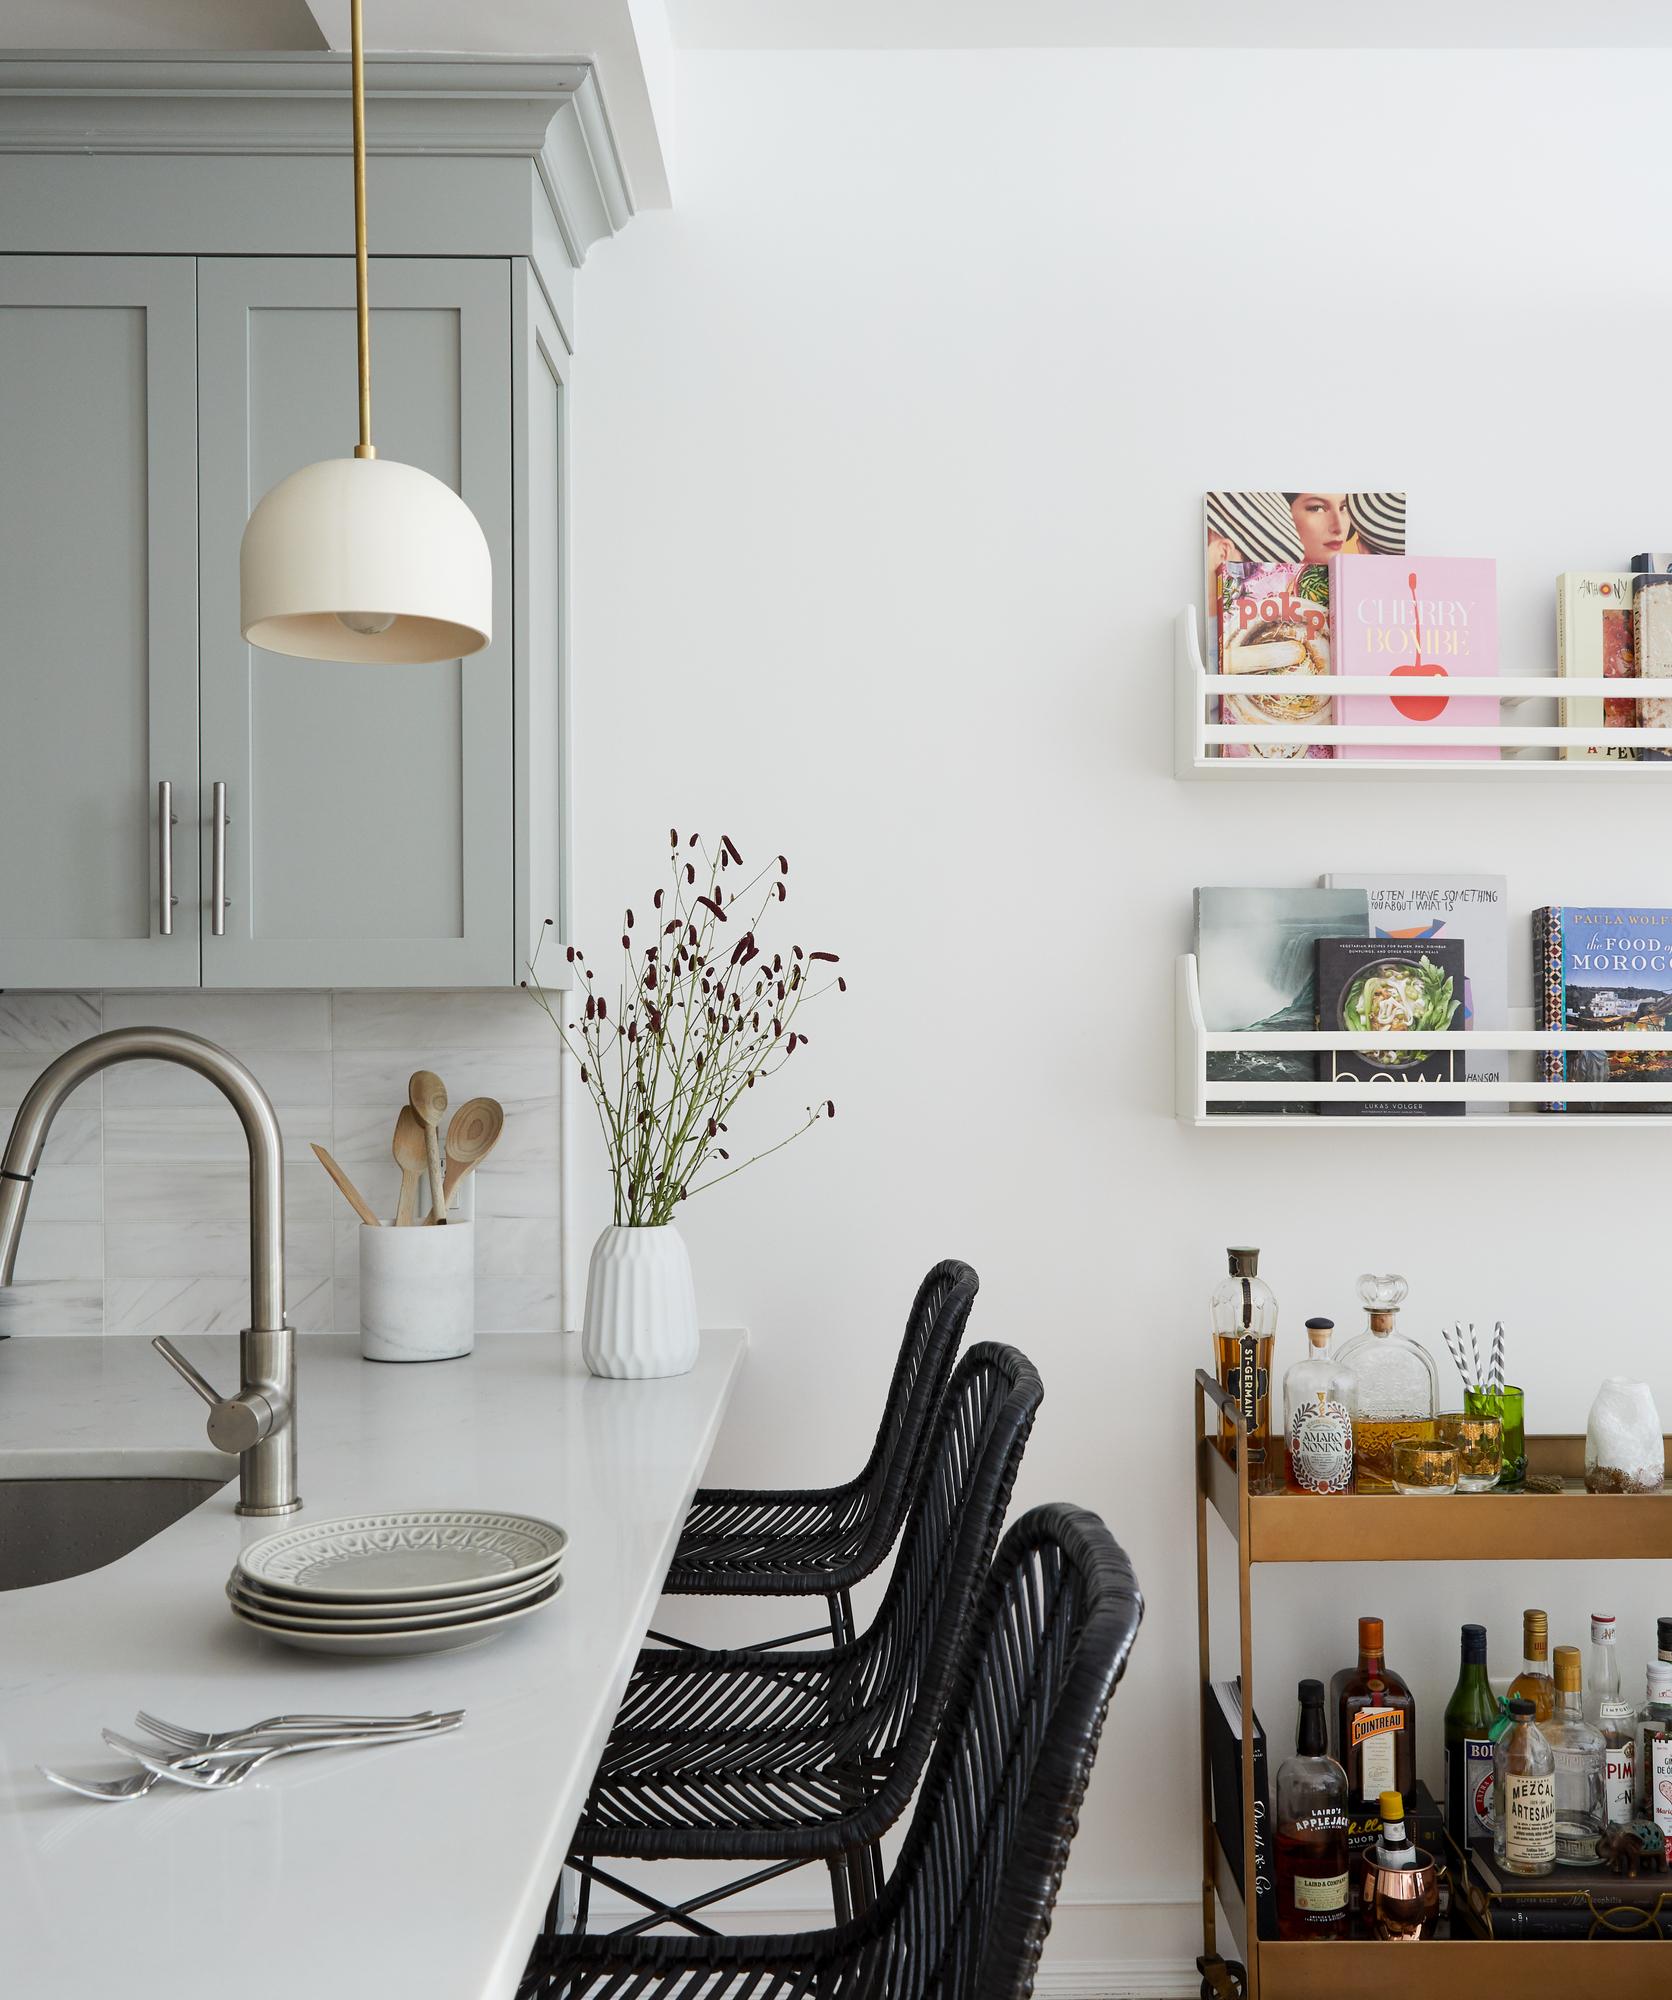 Kitchen_Vignette.jpg